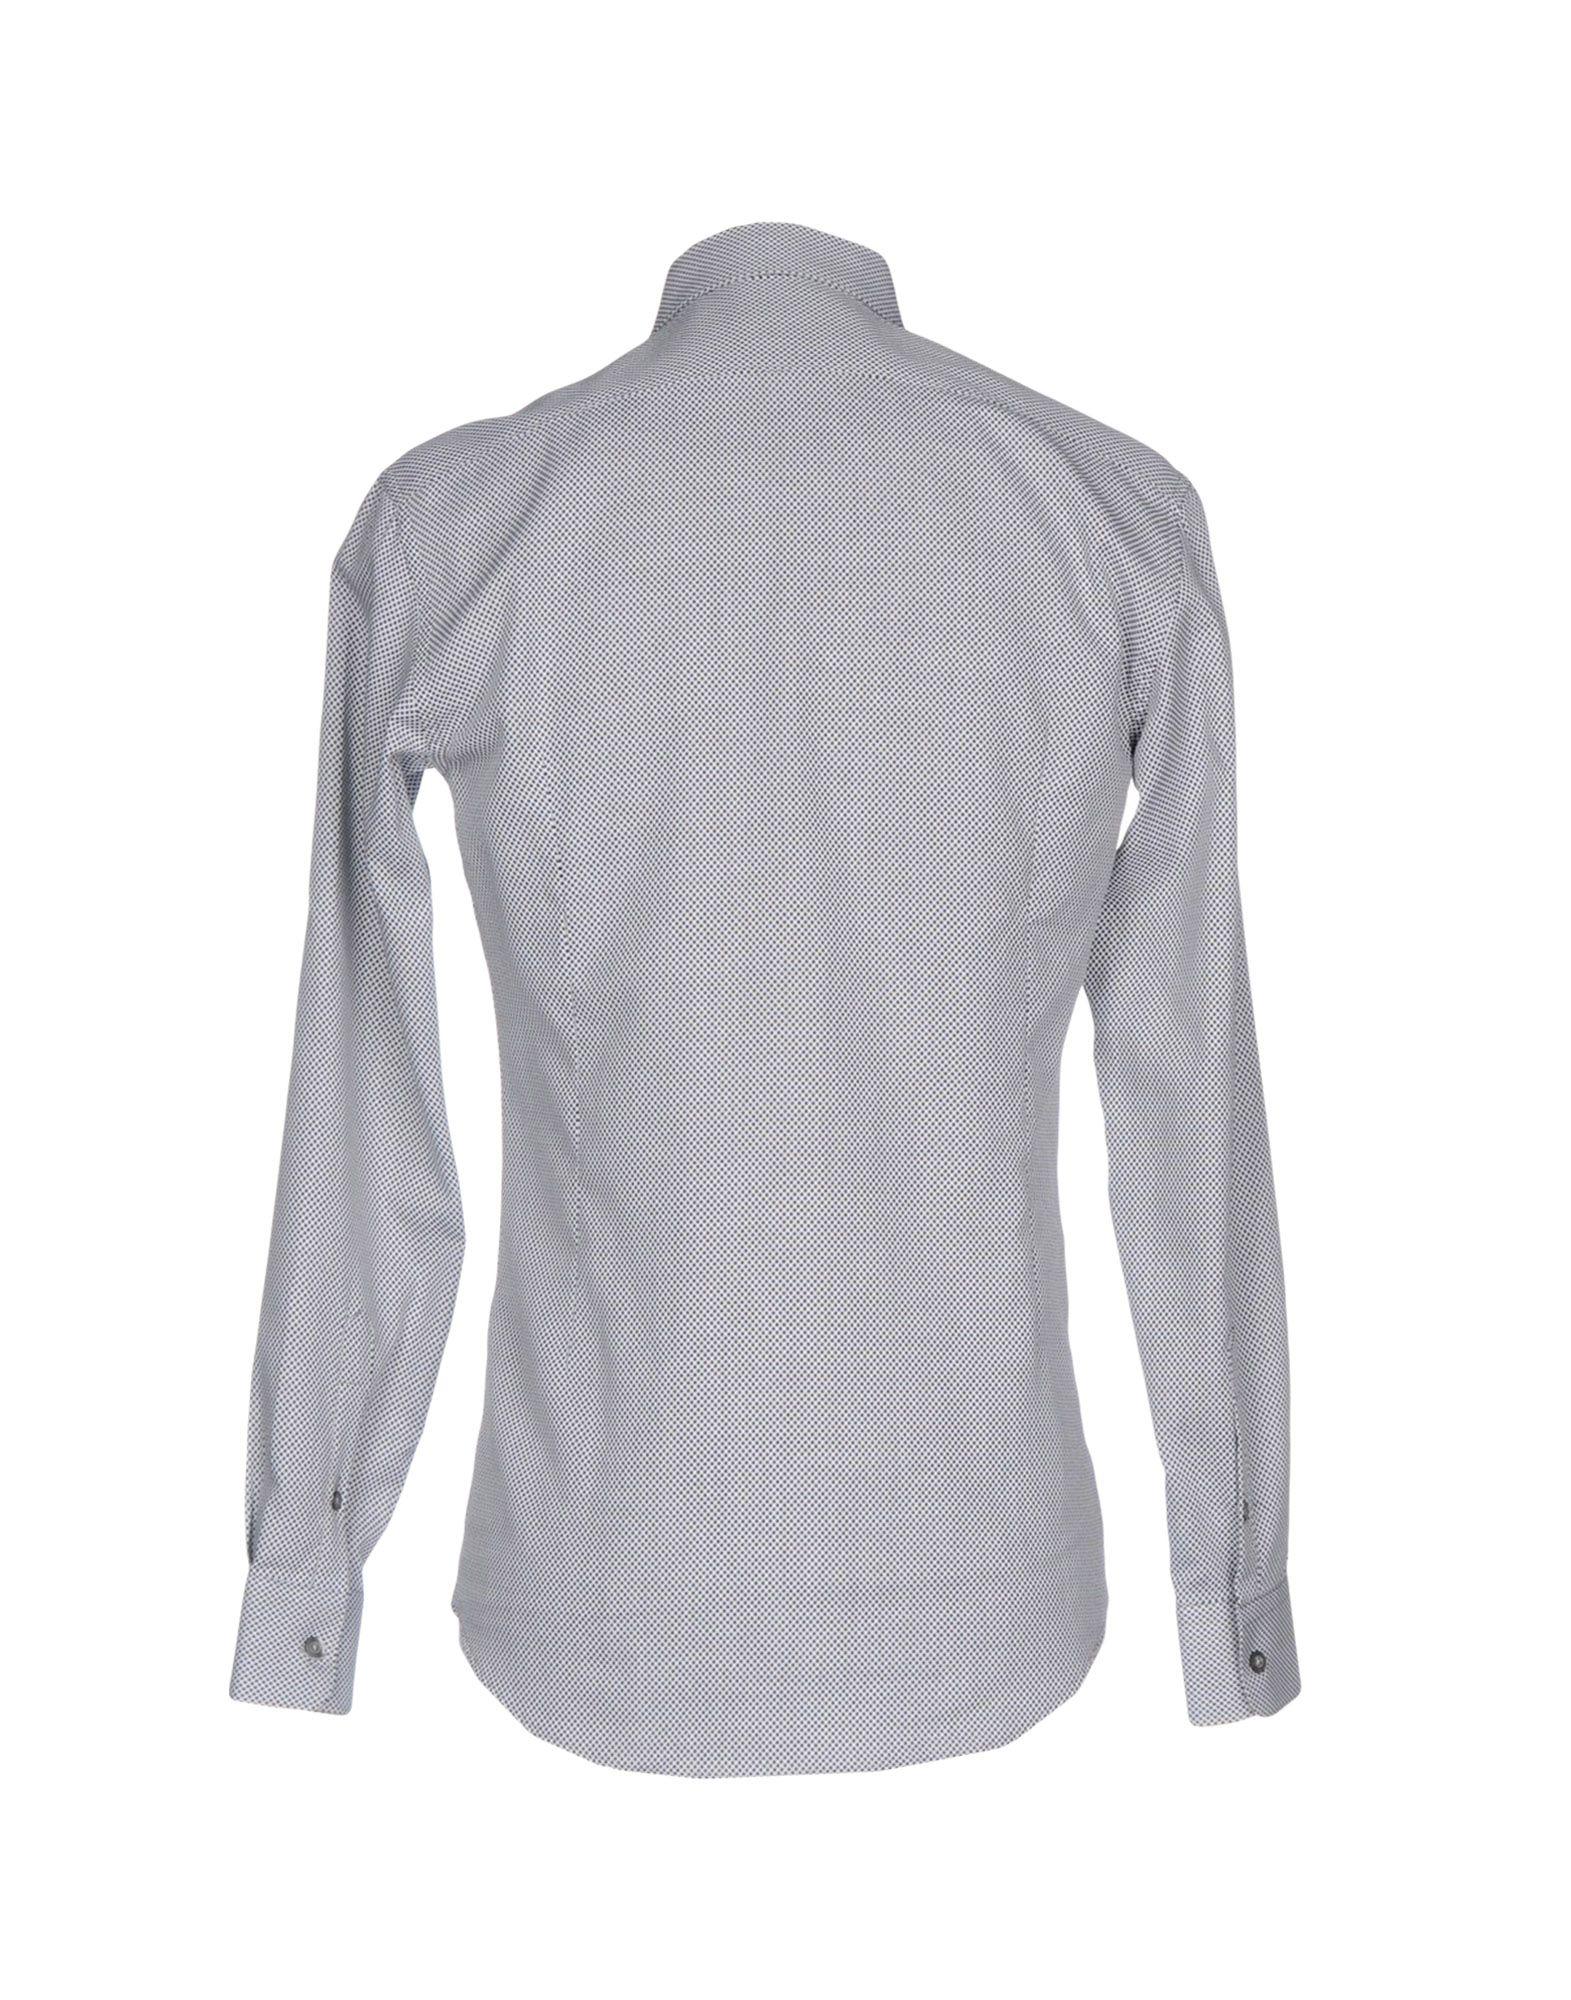 Camicia Camicia Camicia Fantasia Daniele Alessandrini Uomo - 38663156UK 78115a